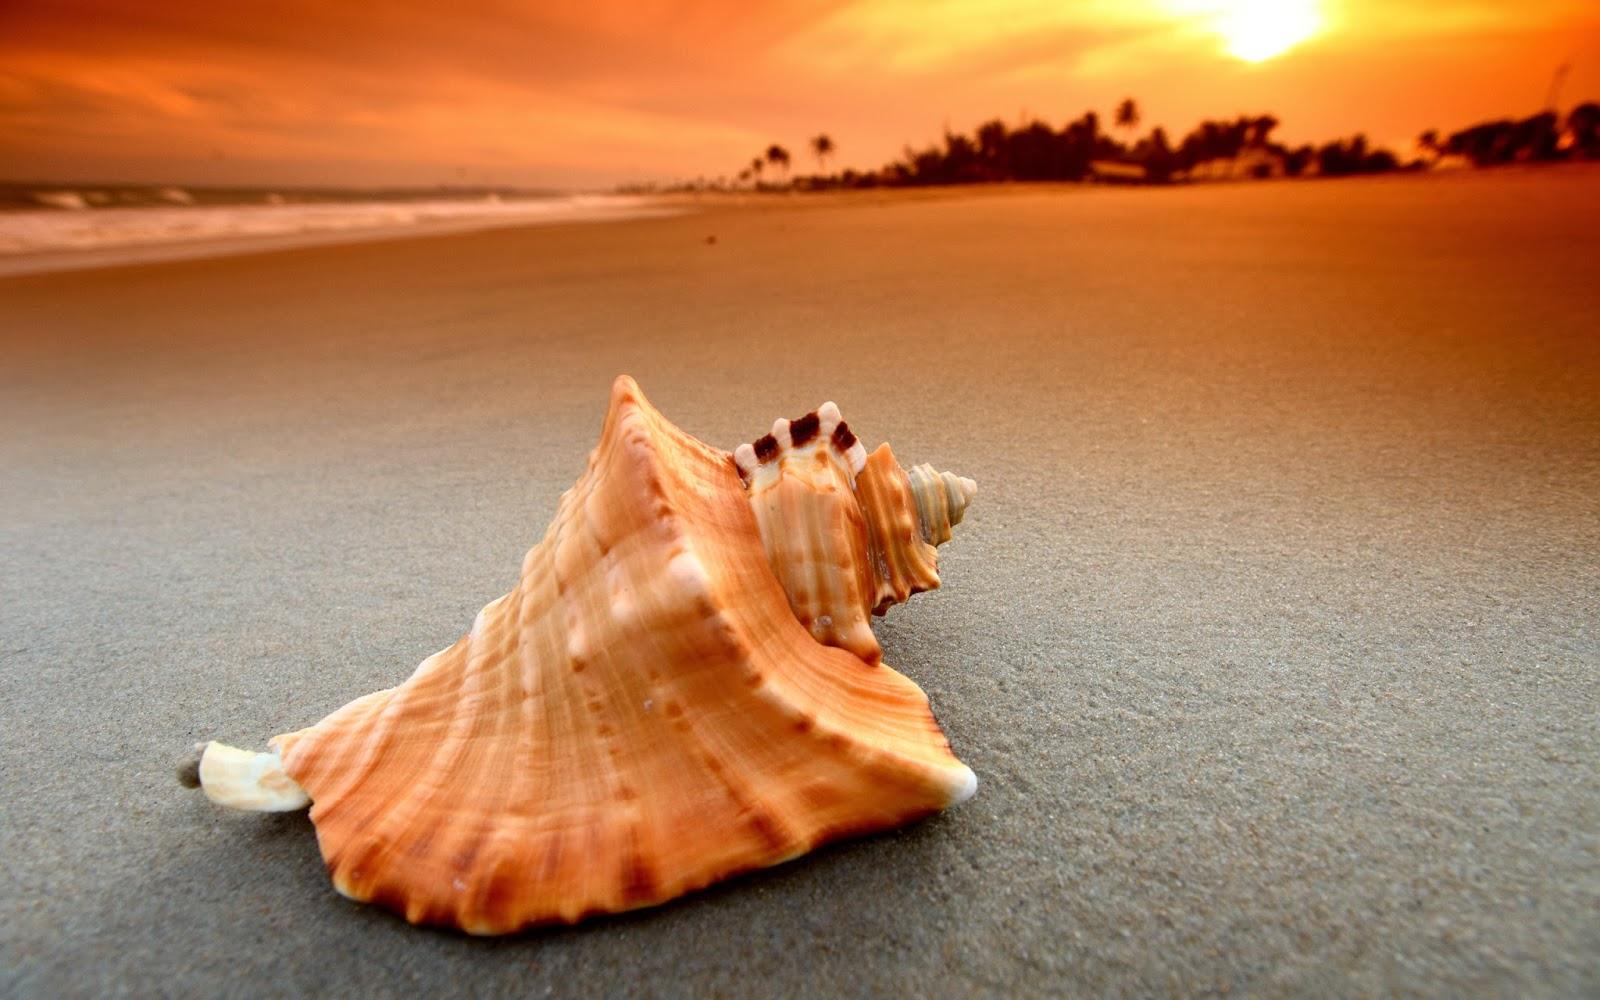 Sunset Beach Shells wallpaper - beauty walpaper